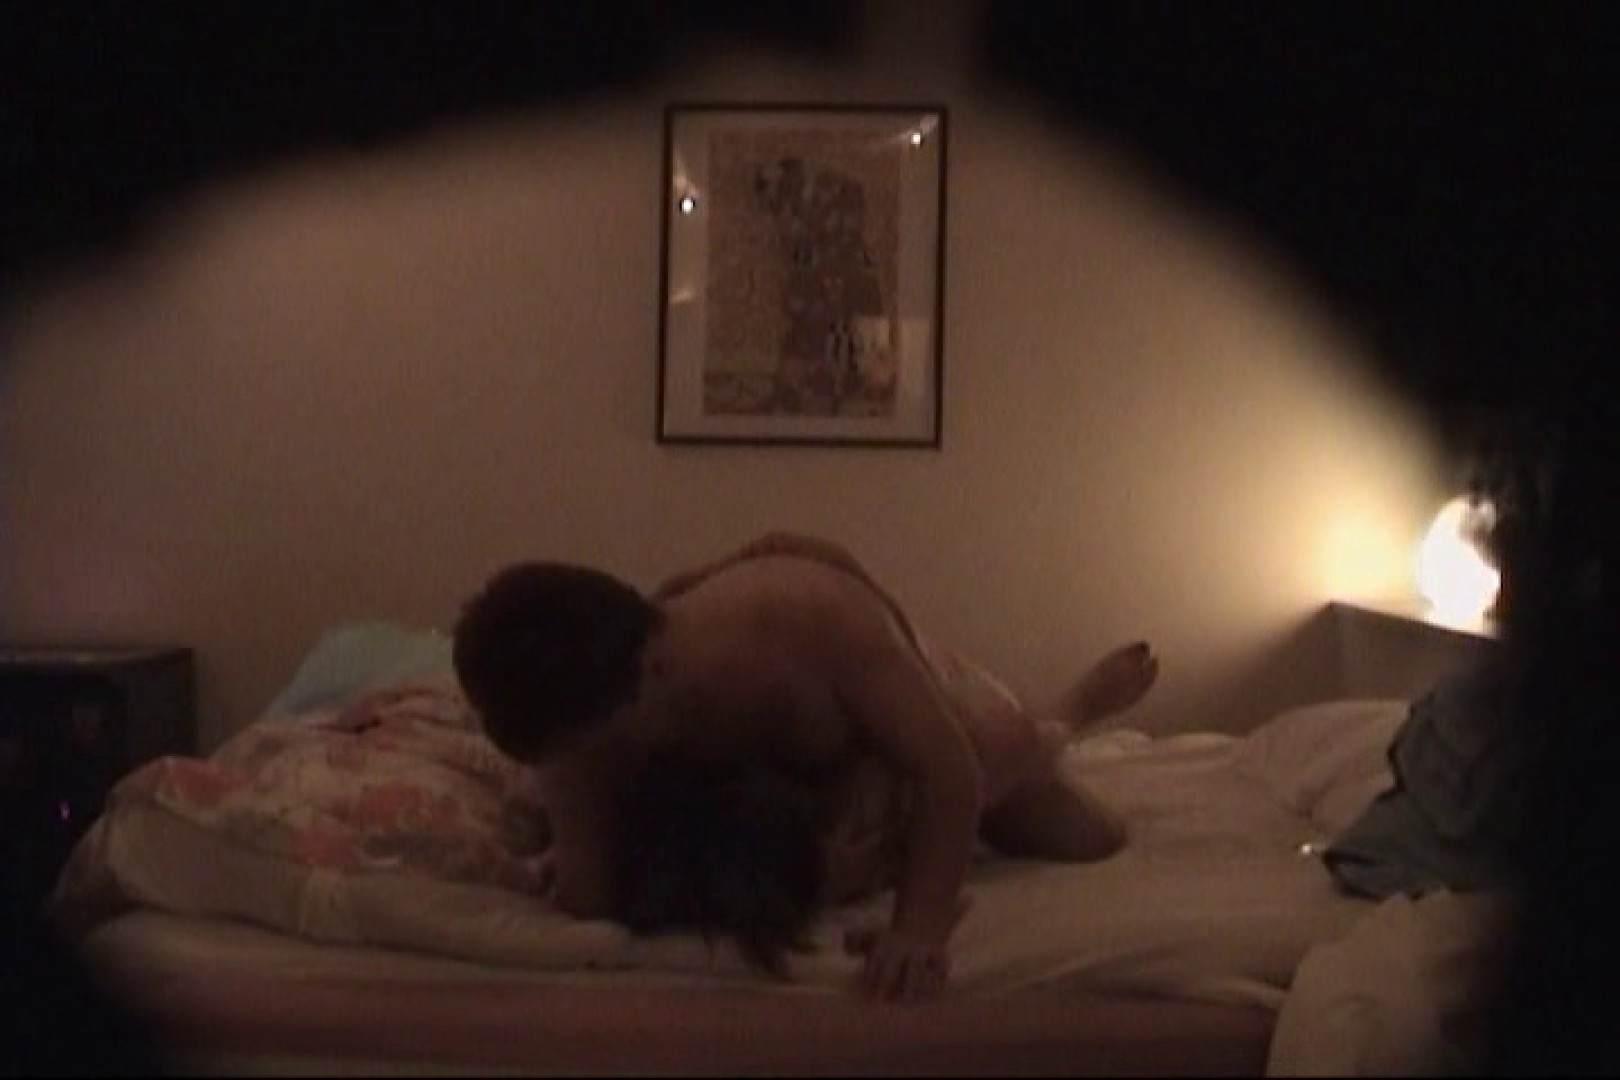 デリ嬢マル秘撮り本物投稿版④ ホテル  92連発 45